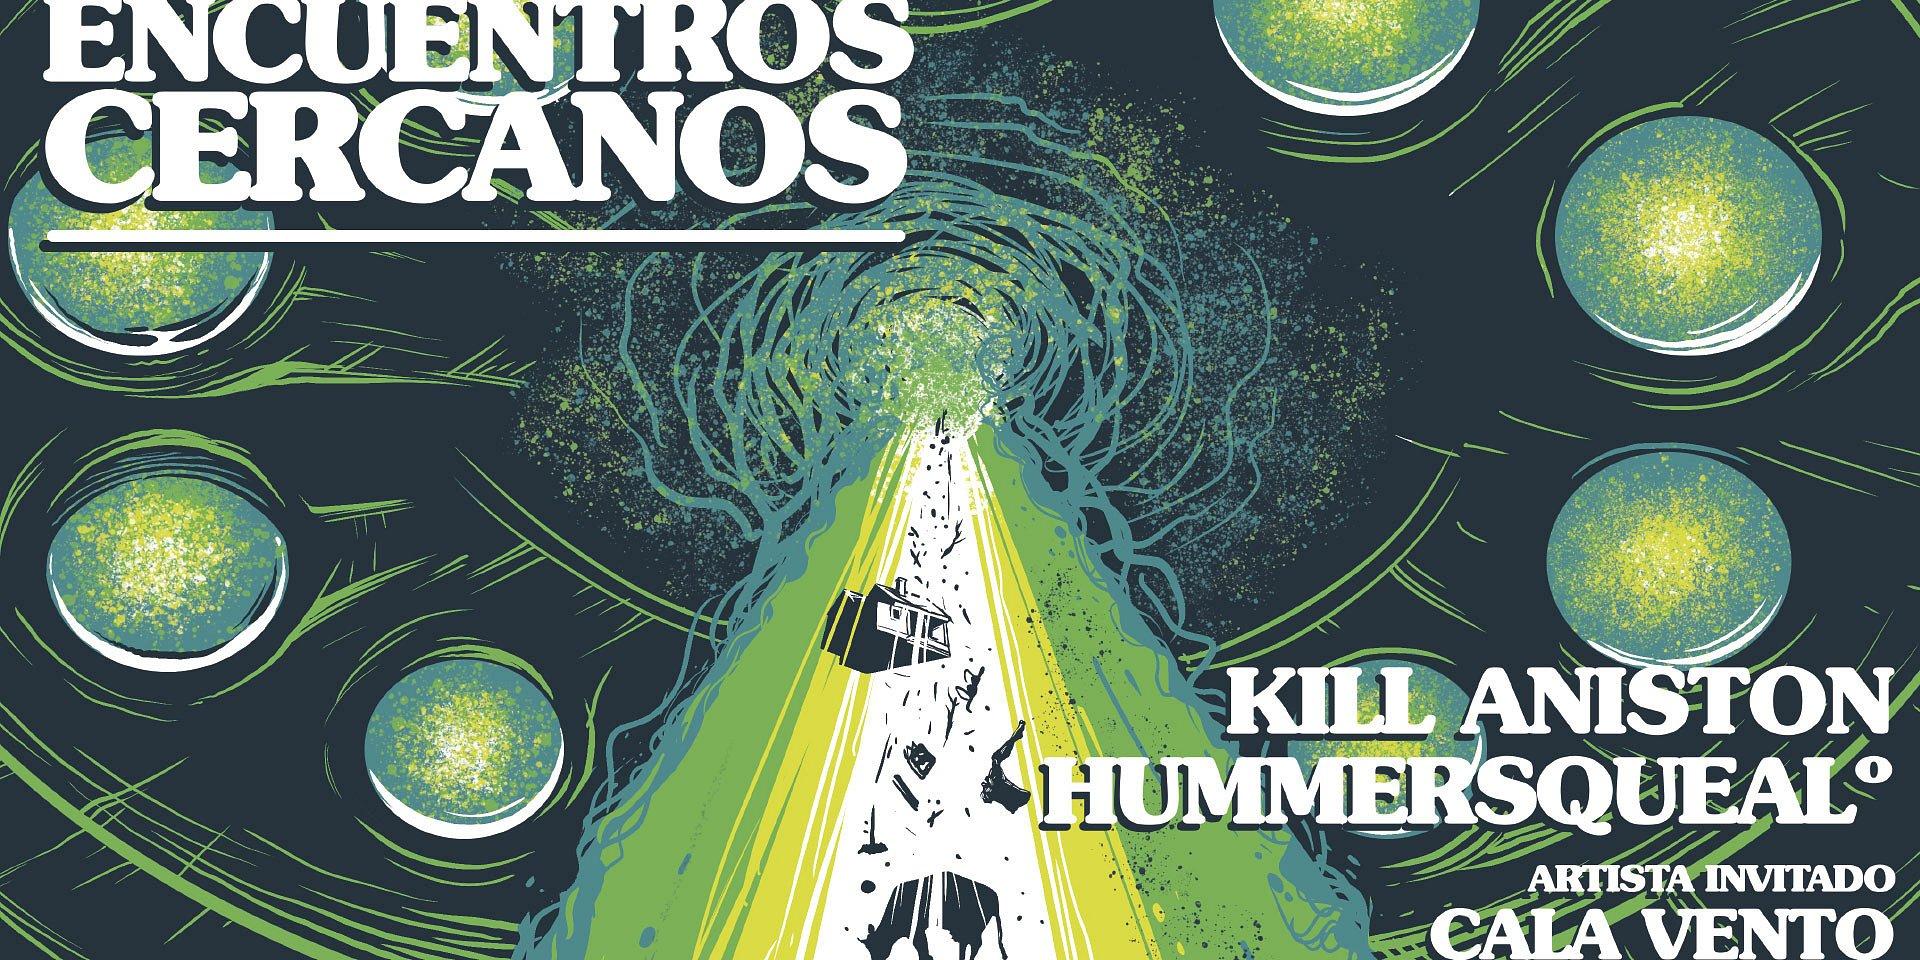 """""""Encuentros cercanos"""" en El Plaza Condesa presenta: Kill Aniston & Hummersqueal°"""